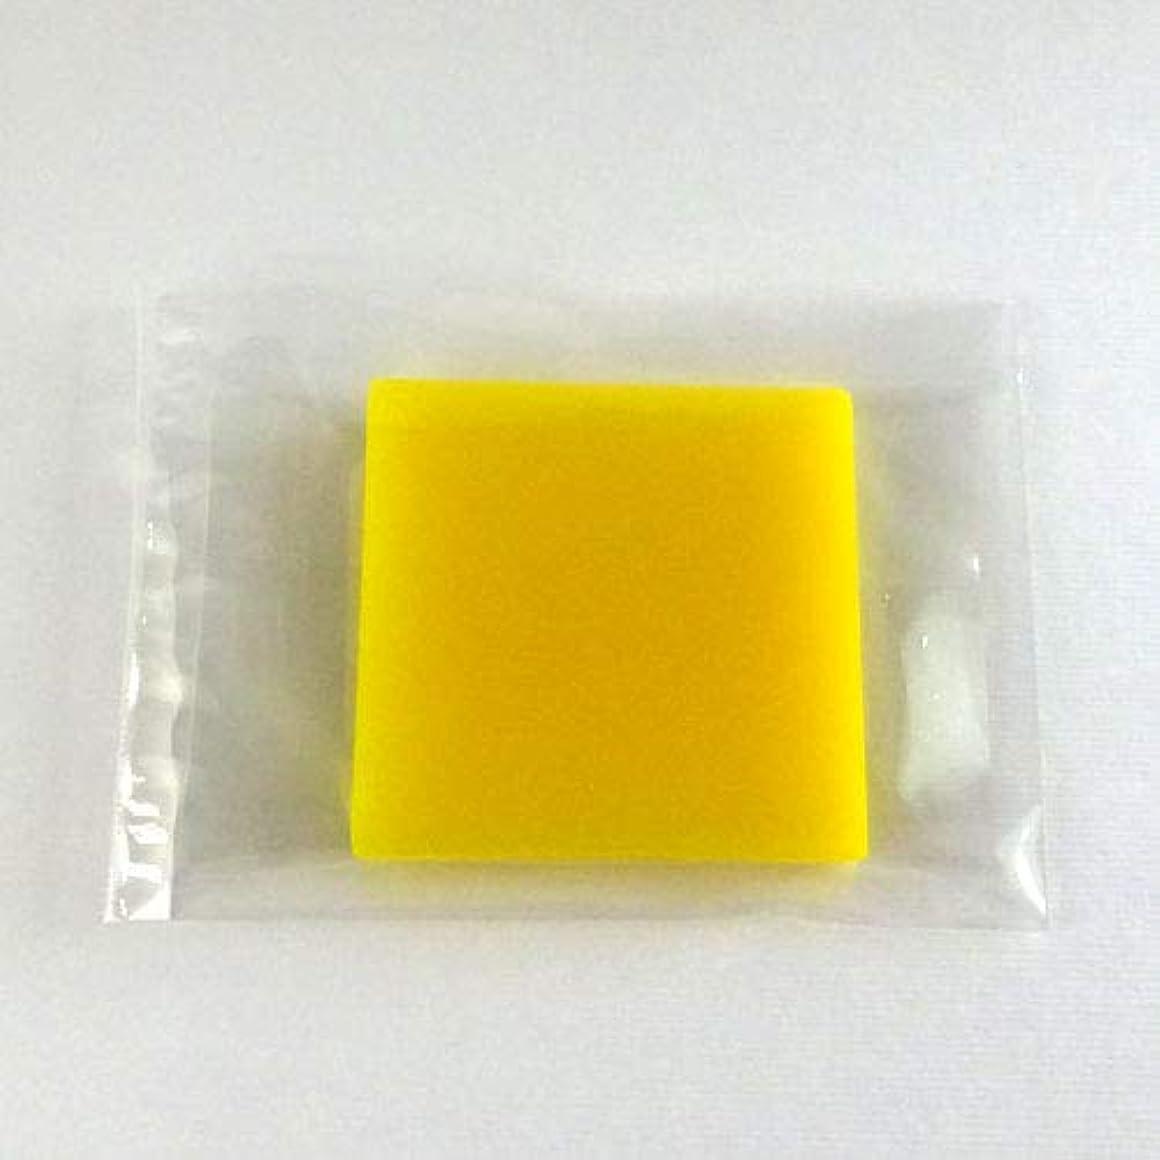 東方不適当叙情的なグリセリンソープ MPソープ 色チップ 黄(イエロー) 120g(30g x 4pc)